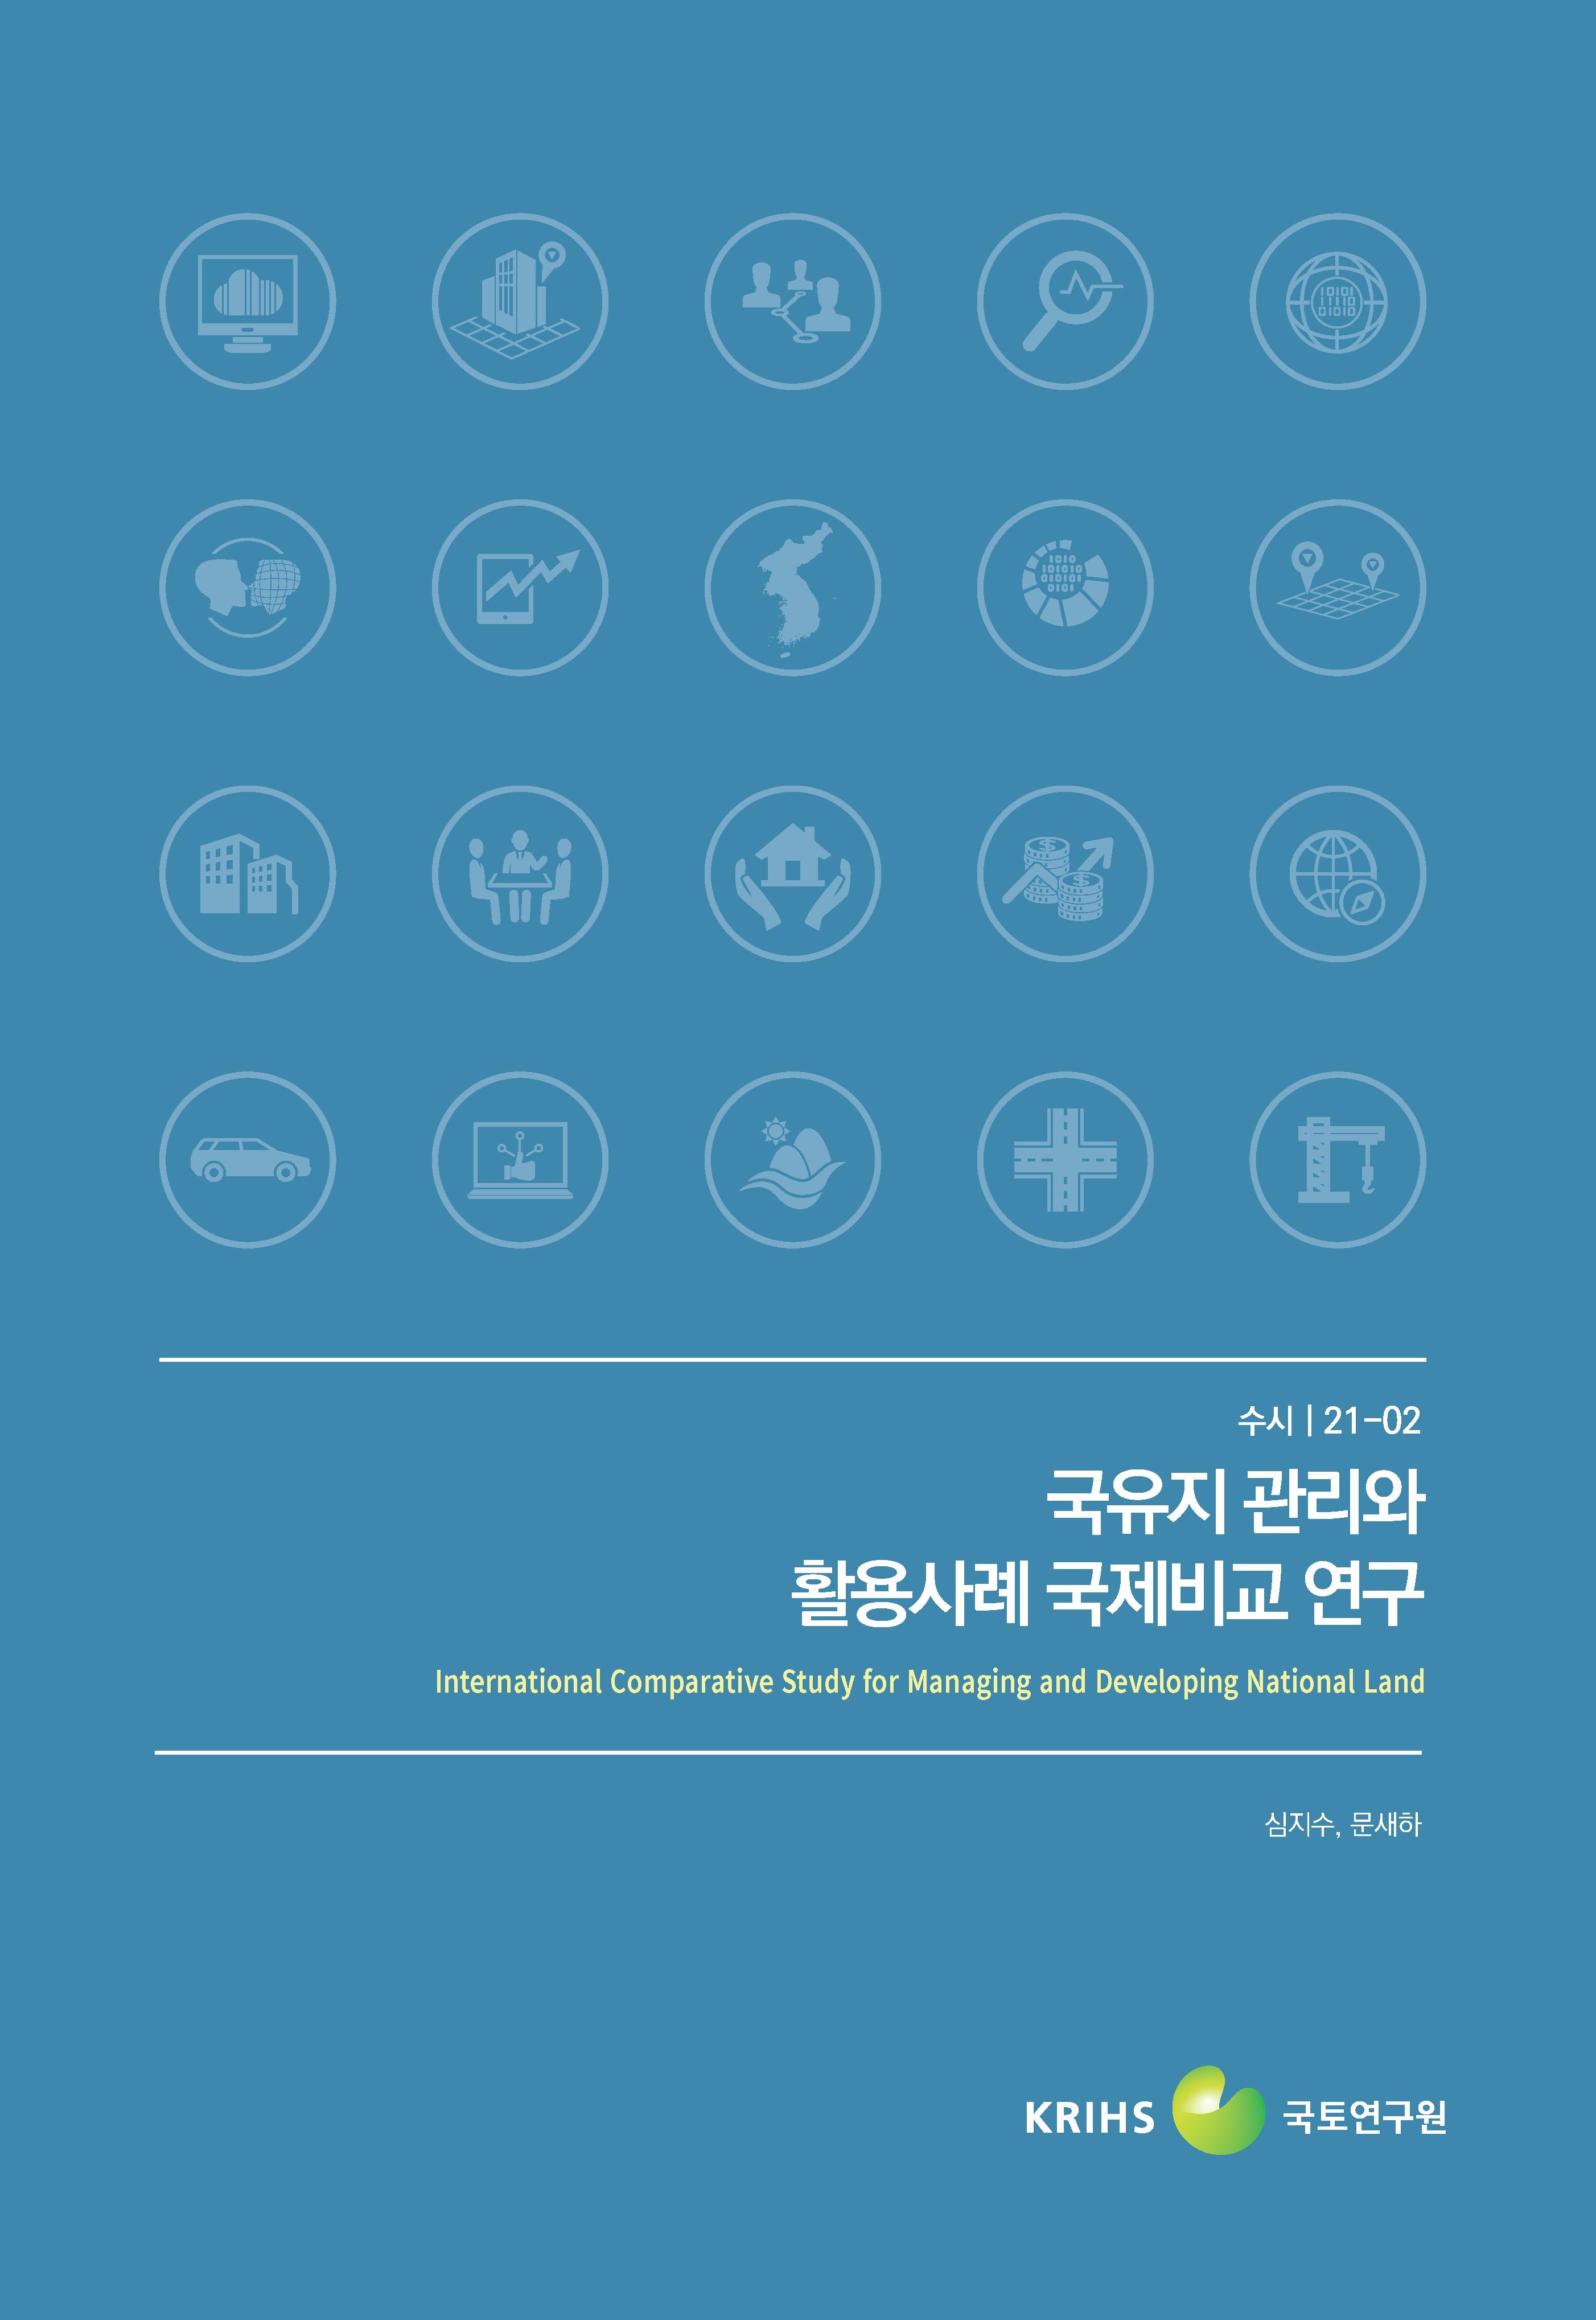 국유지 관리와 활용사례 국제비교 연구 (International Comparative Study for Managing and Developing National Land)